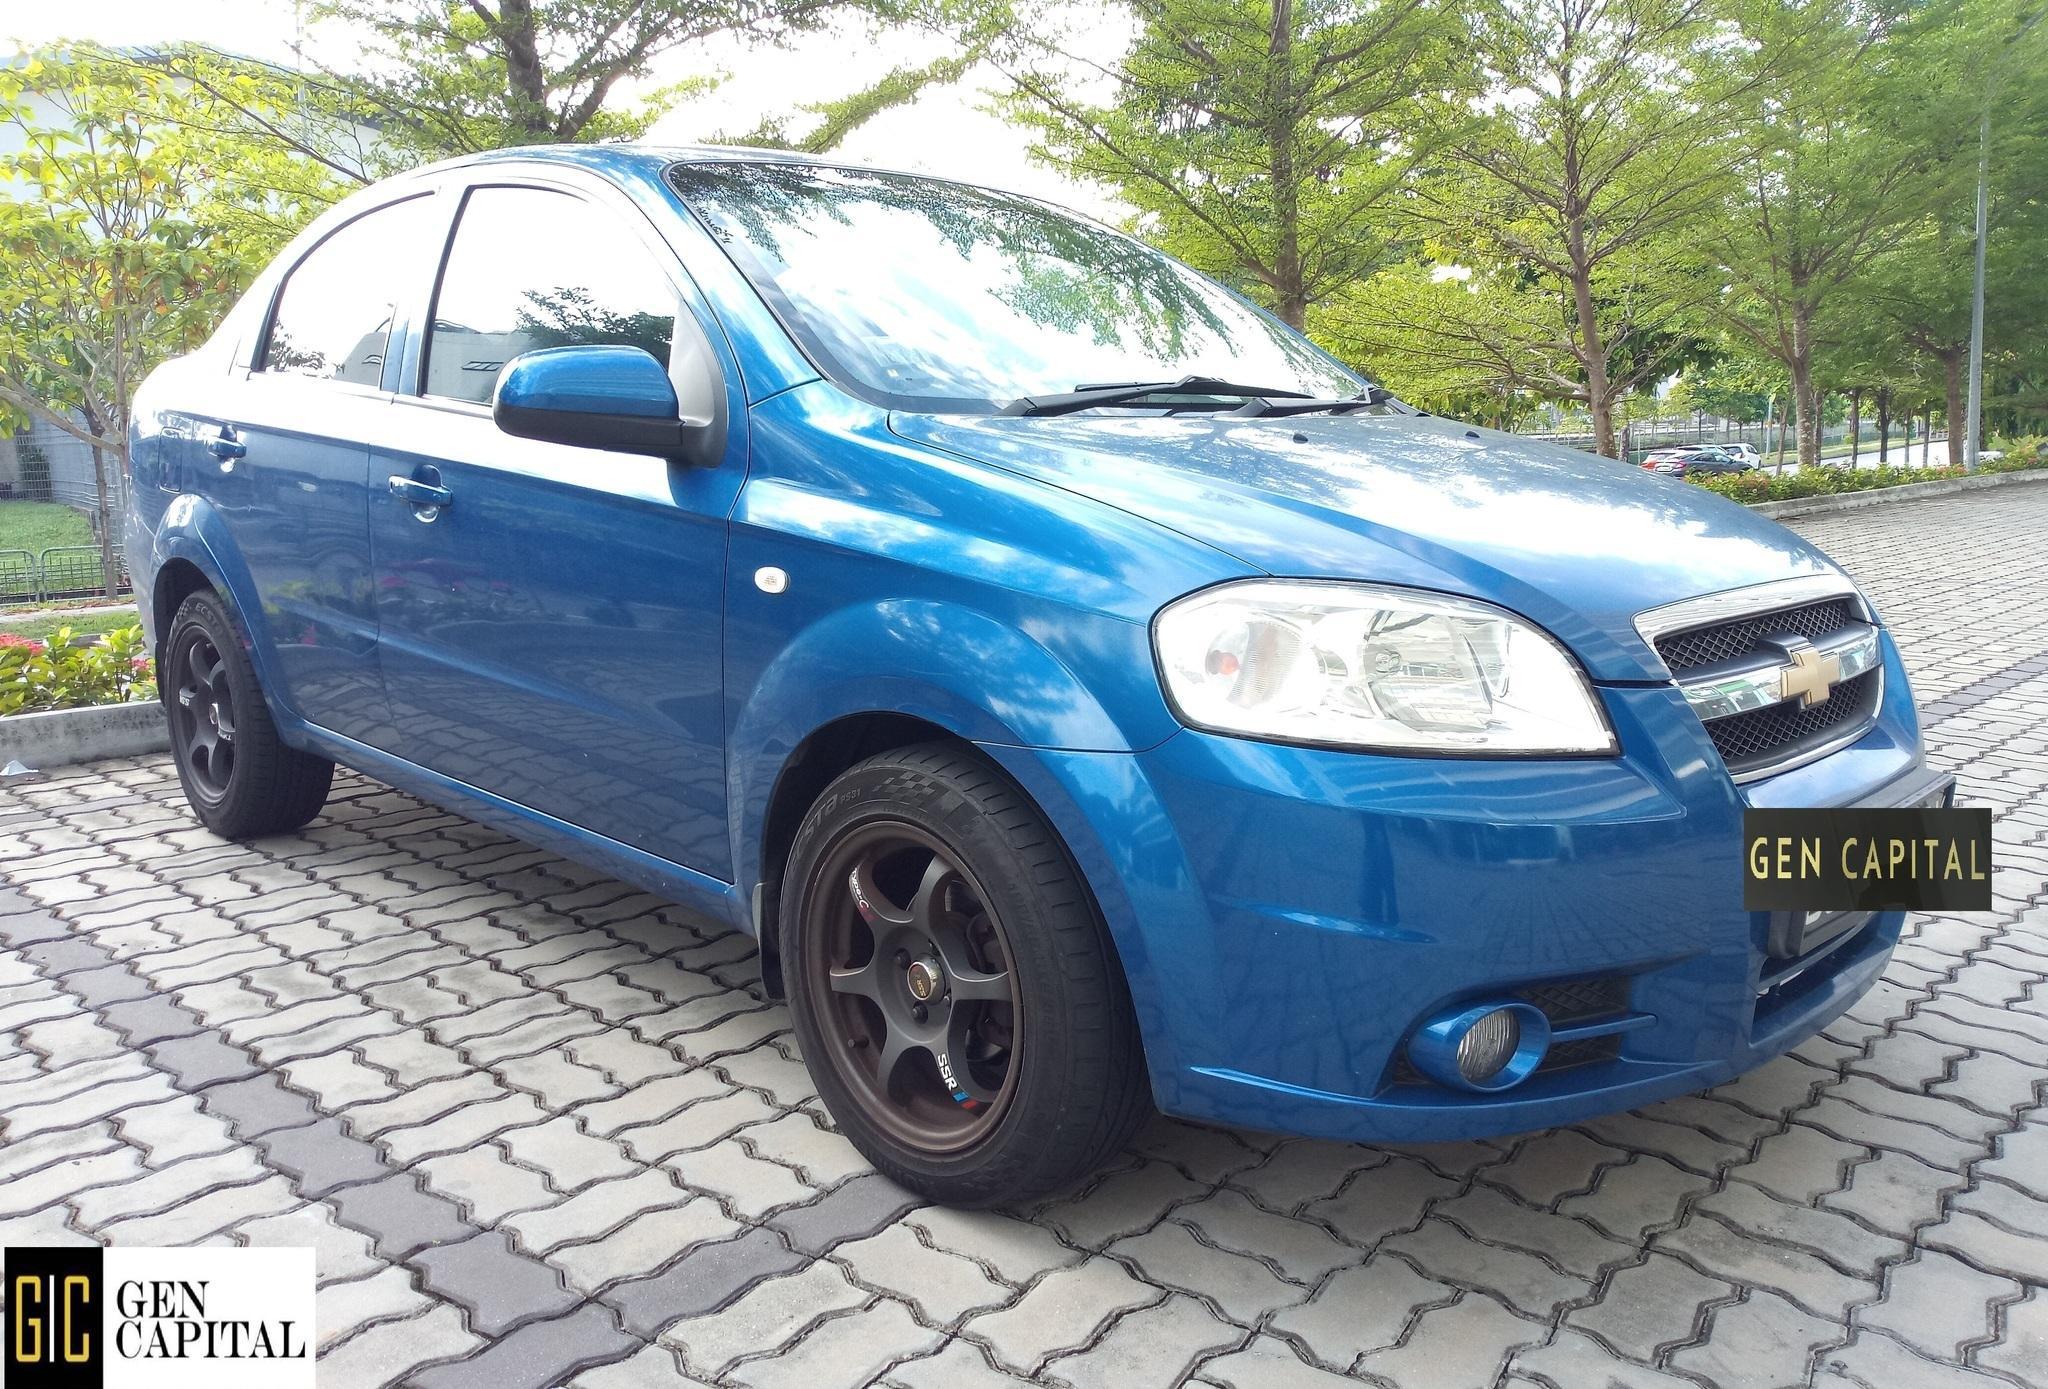 Chevrolet Aveo 1.4A Sedan Comfortable Car at Low Rental Rate